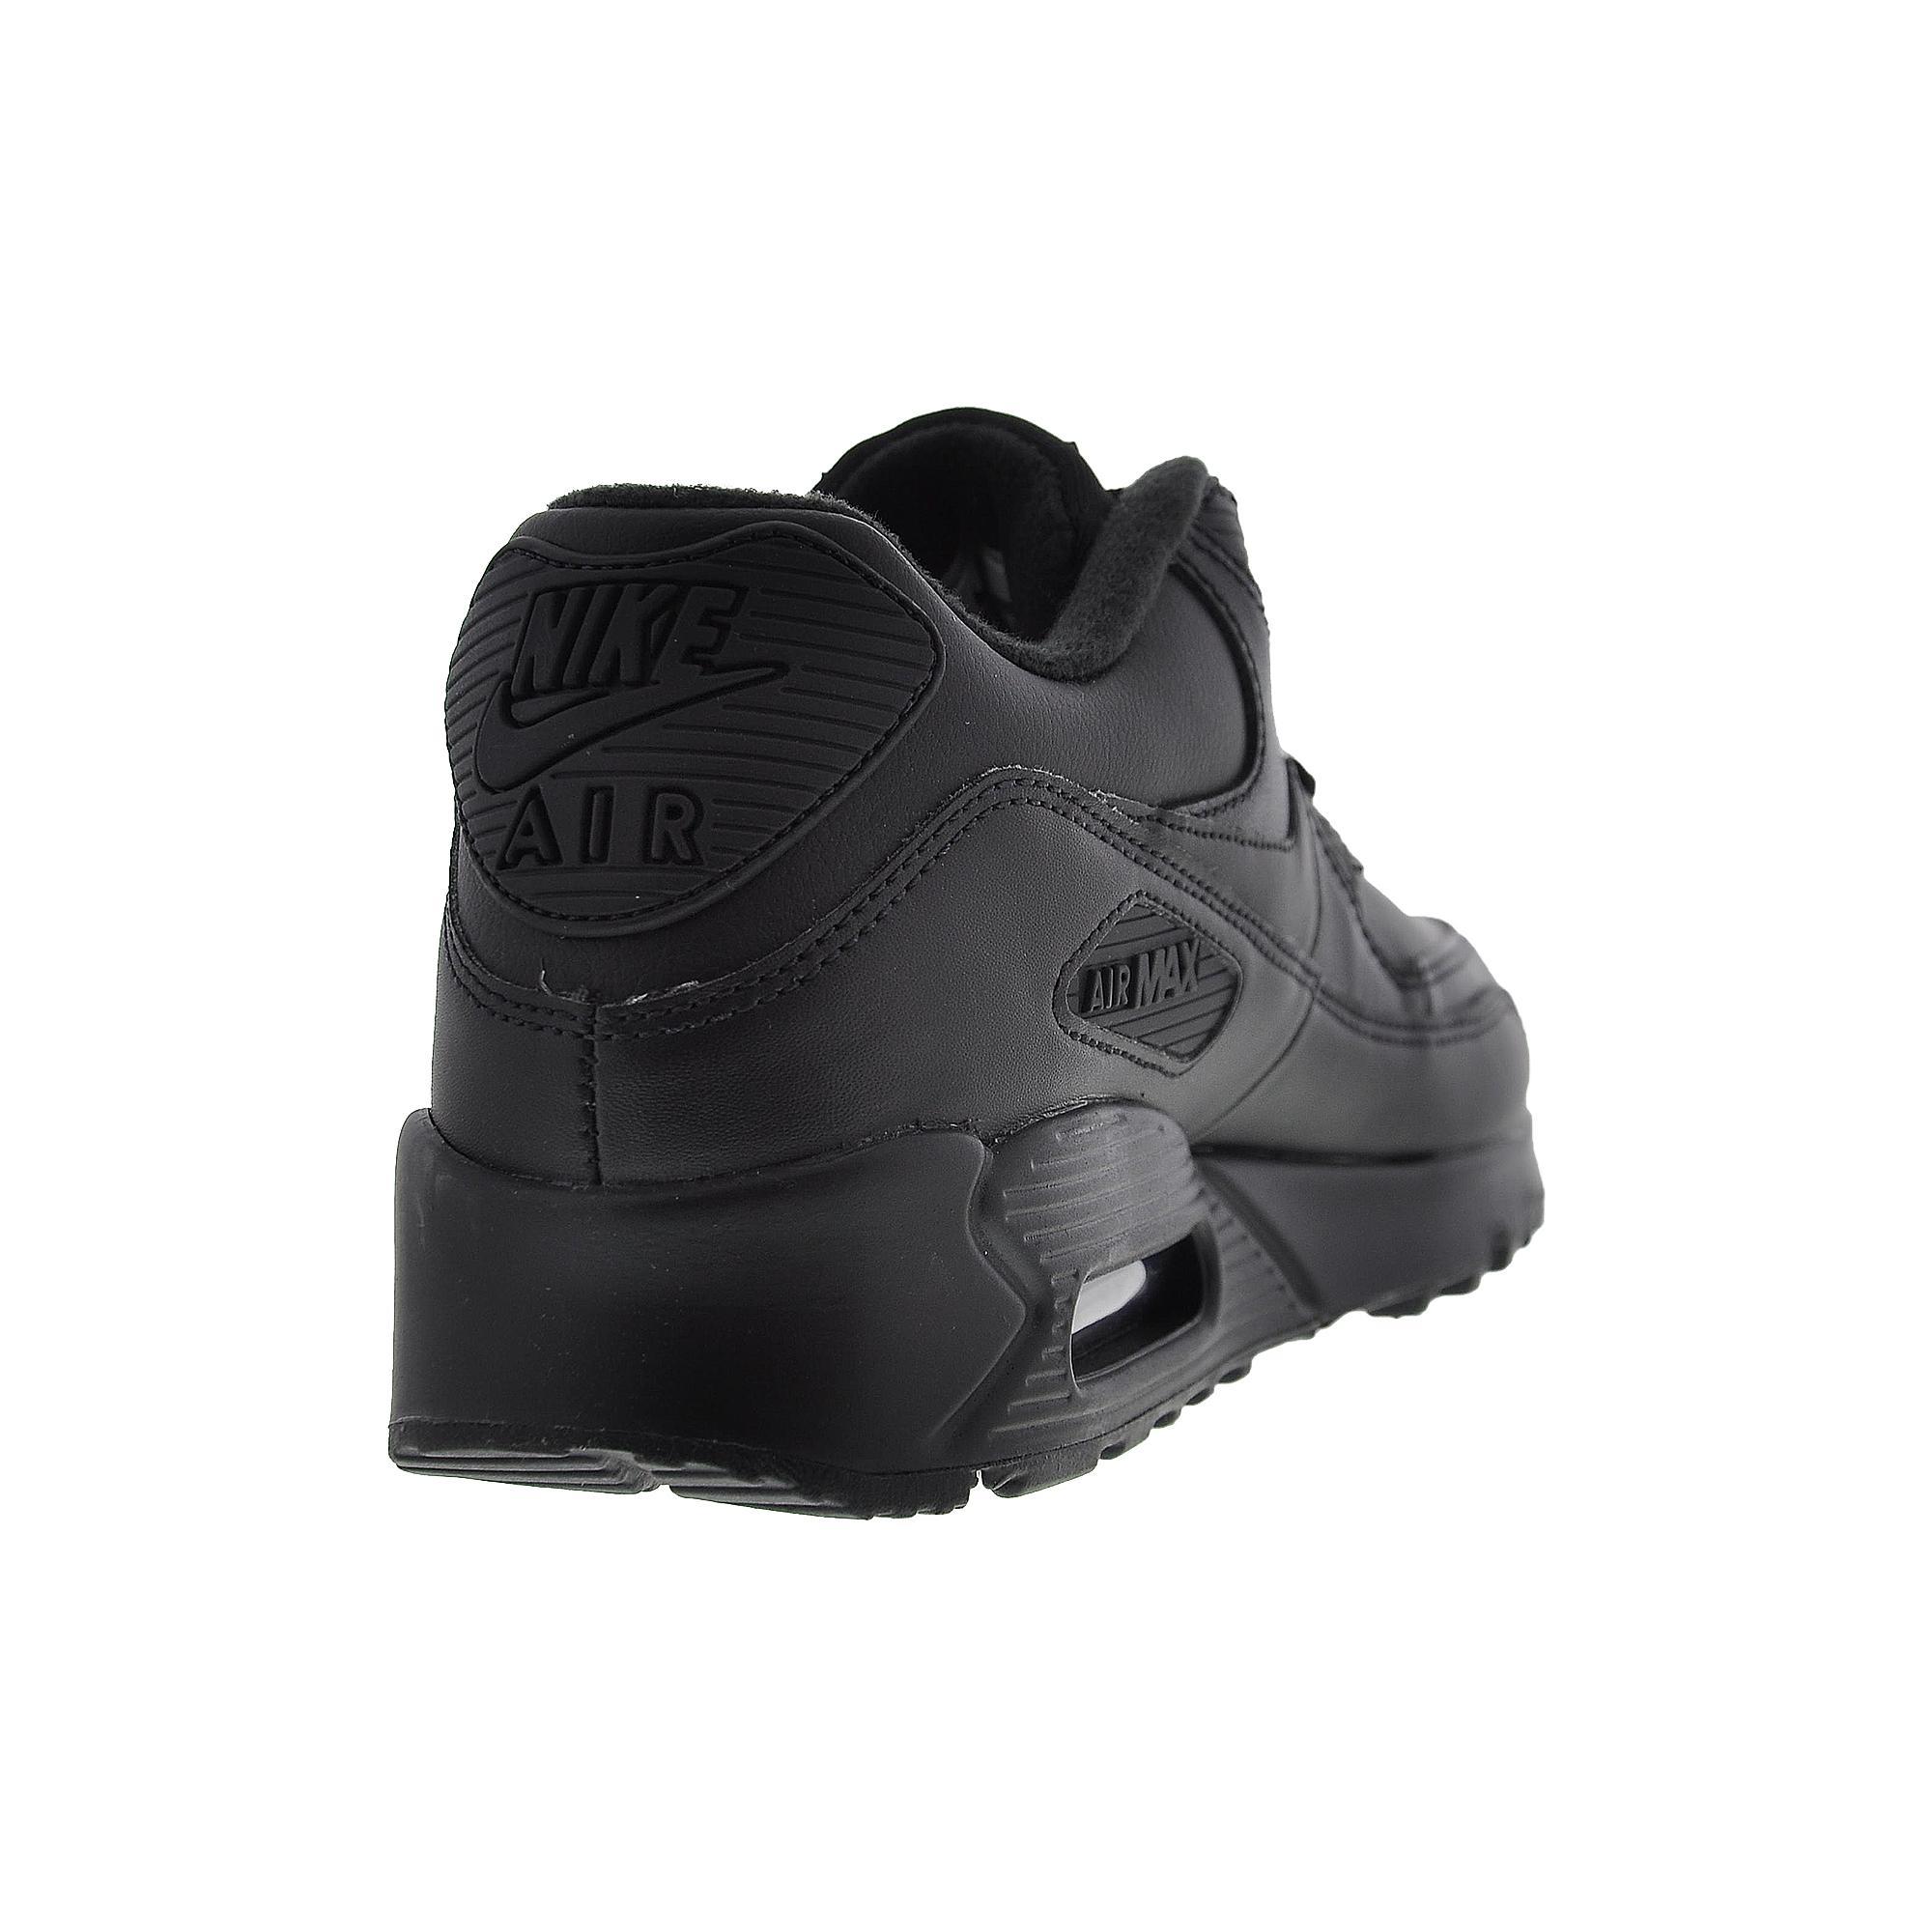 Nike Air Max 90 Leather CO Erkek Spor Ayakkabı